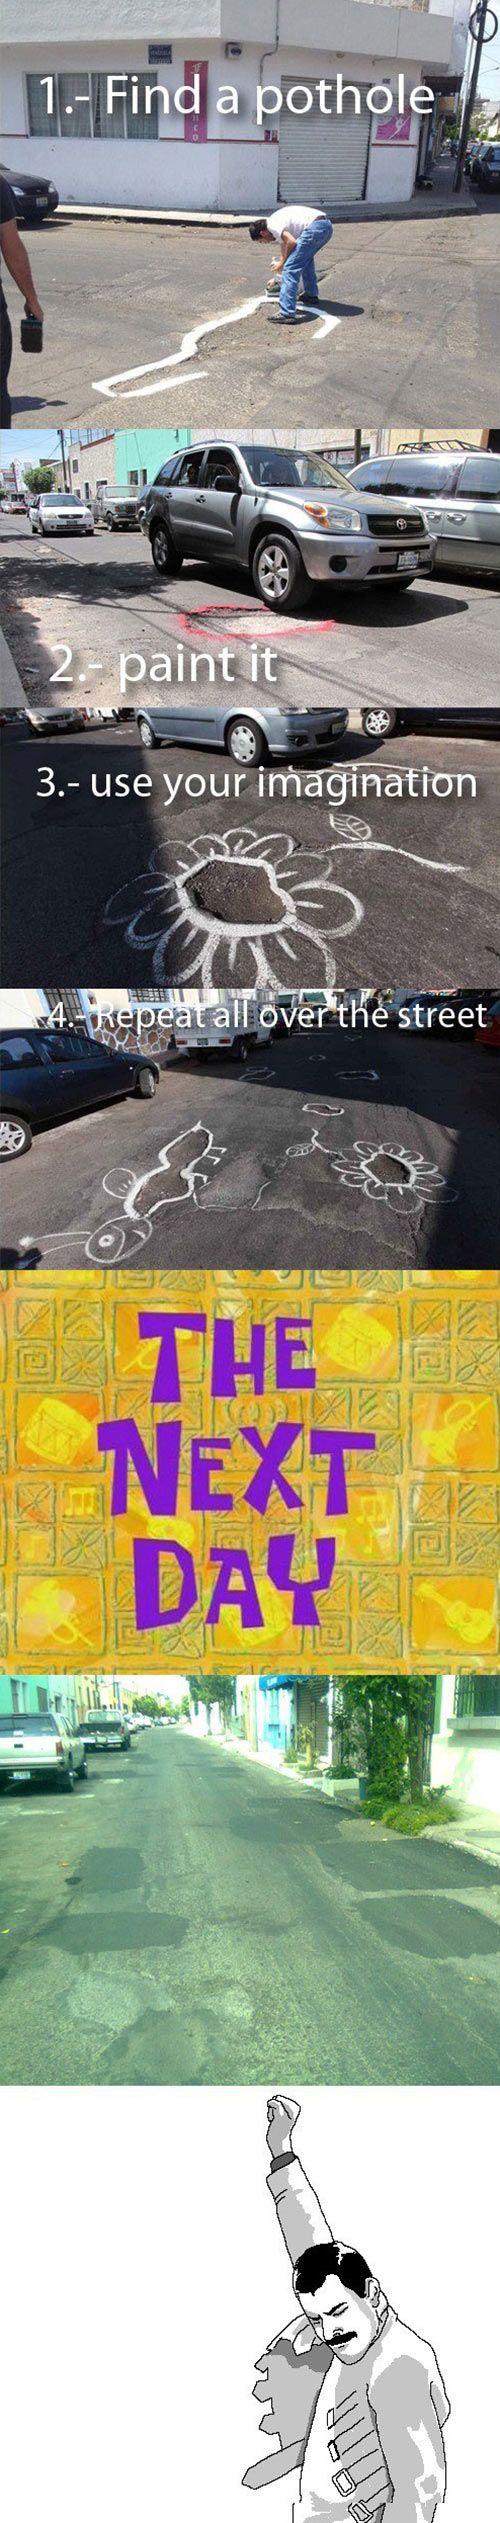 How to fix potholes like a boss